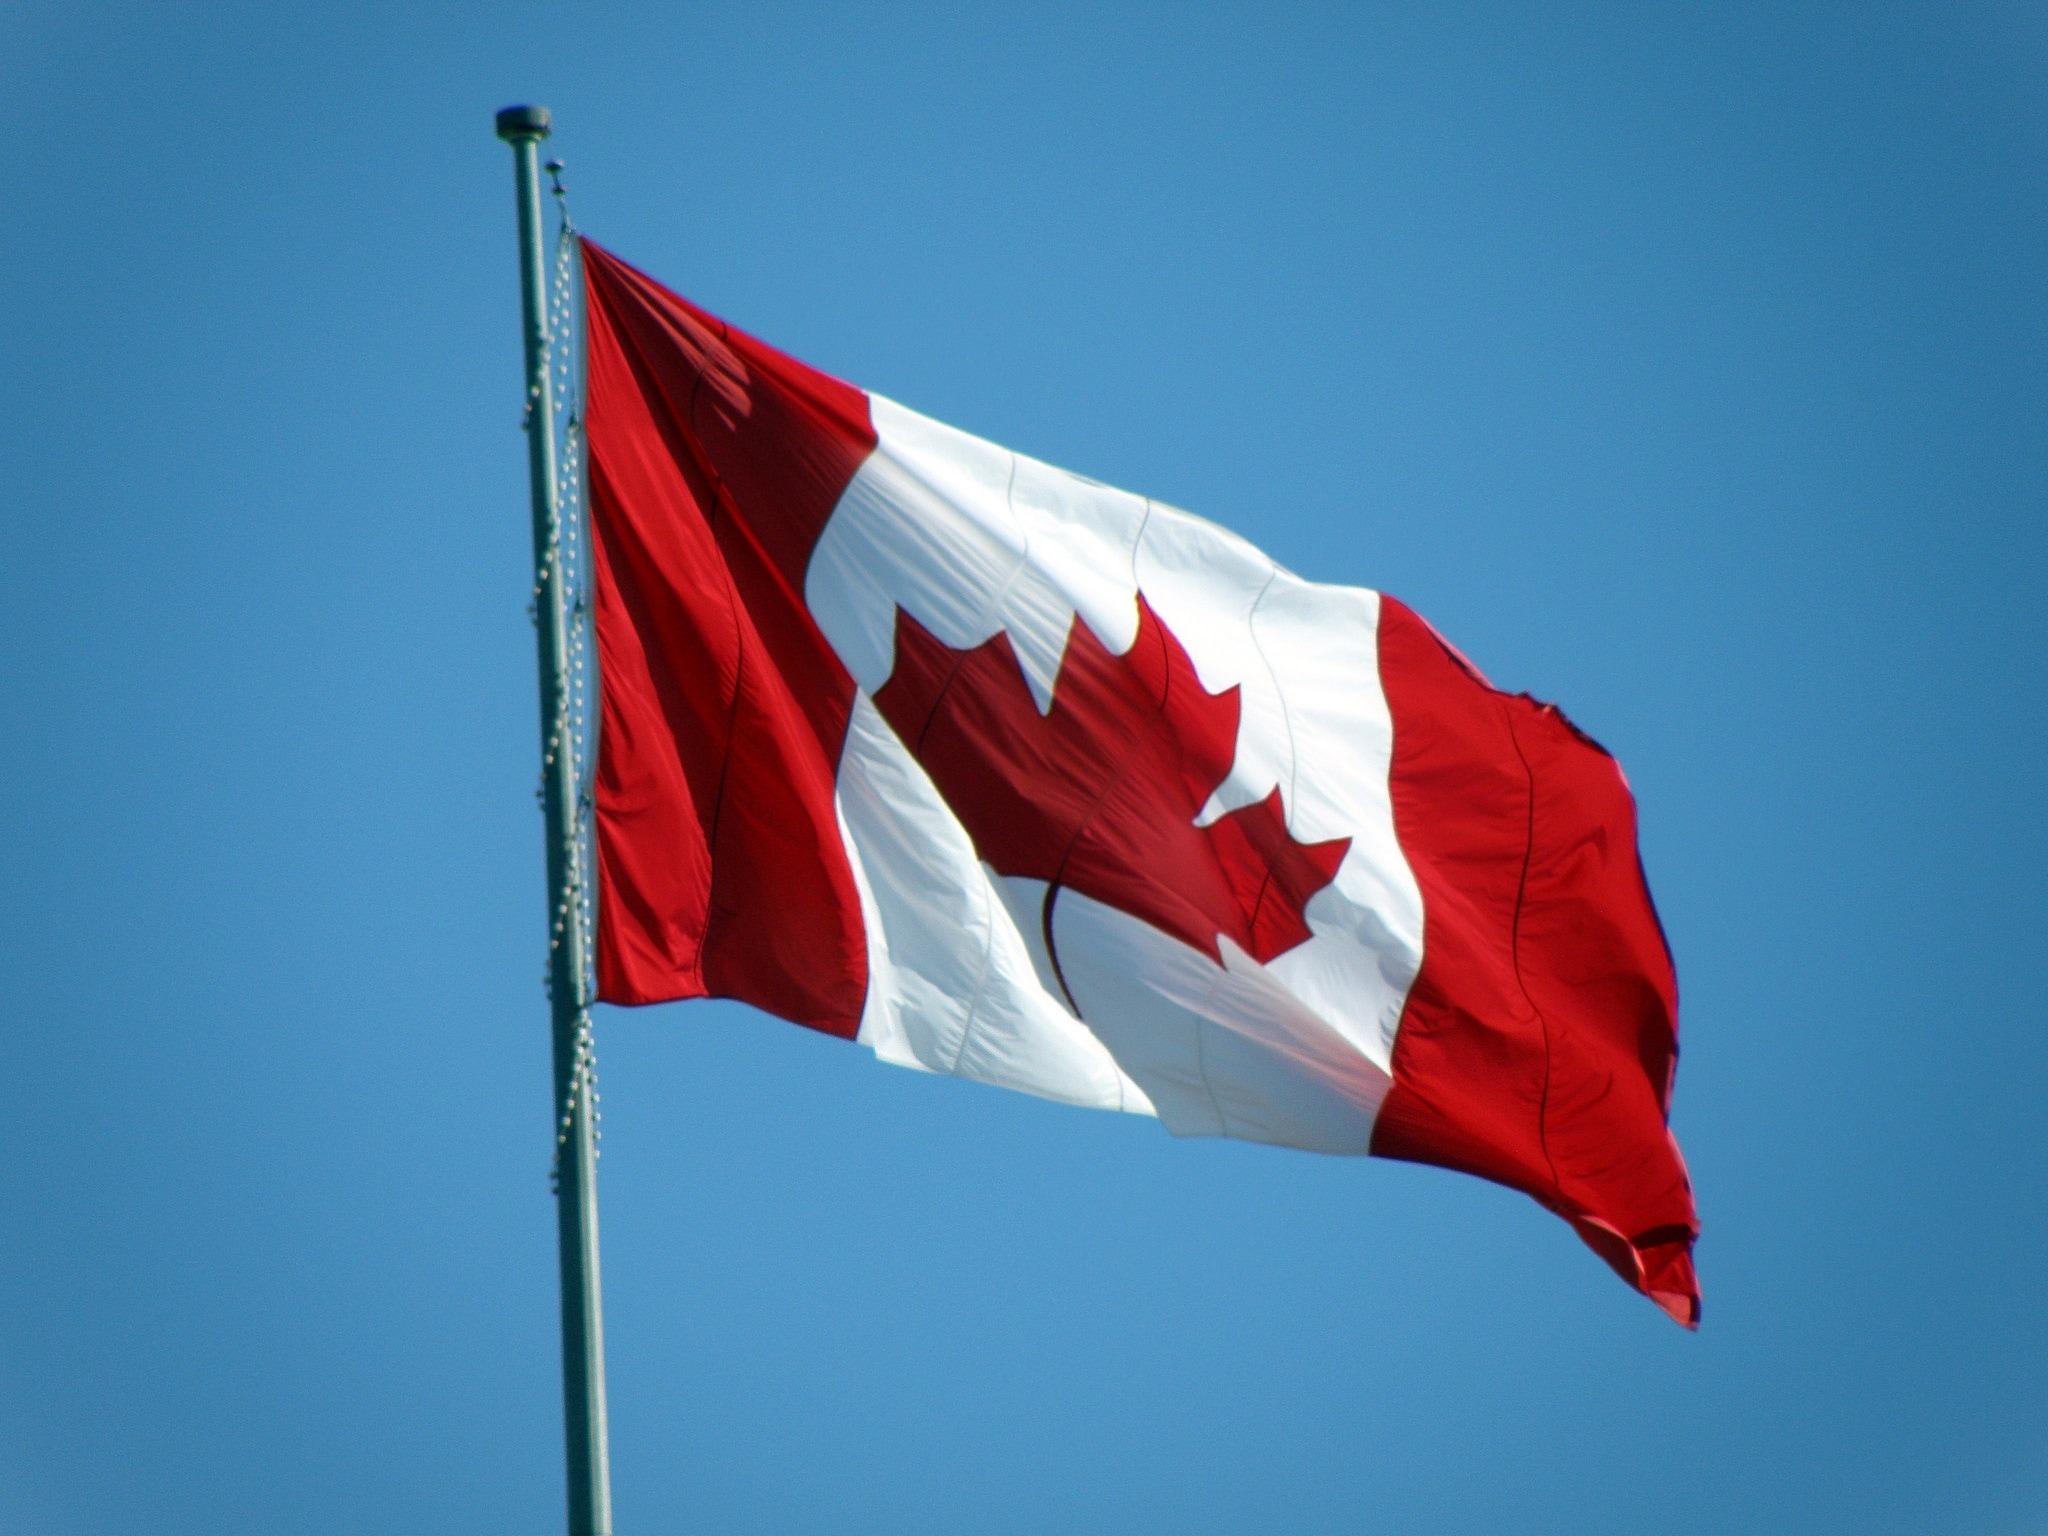 Canada Flag Bandera Roja Con Blanco Y Una Hoja 284148